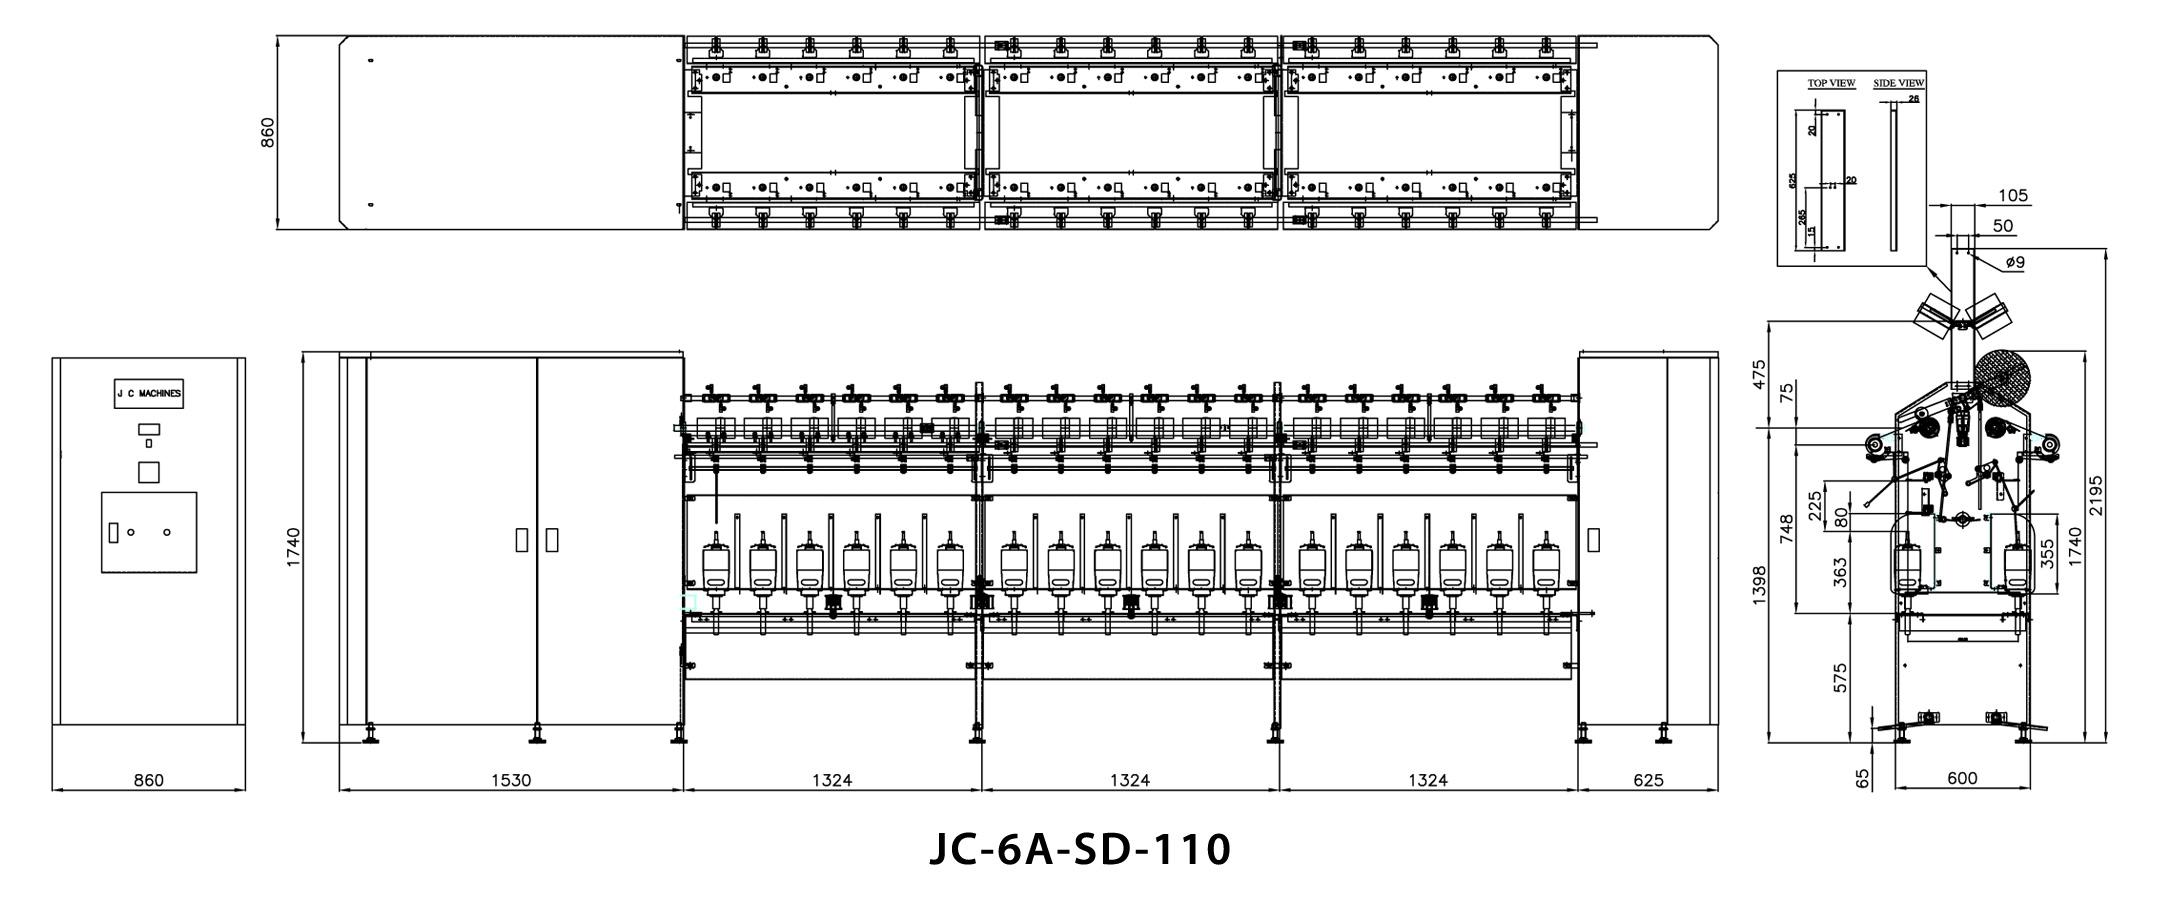 Single Deck Cotton / Spun Yarn TFO Machine Dimensions